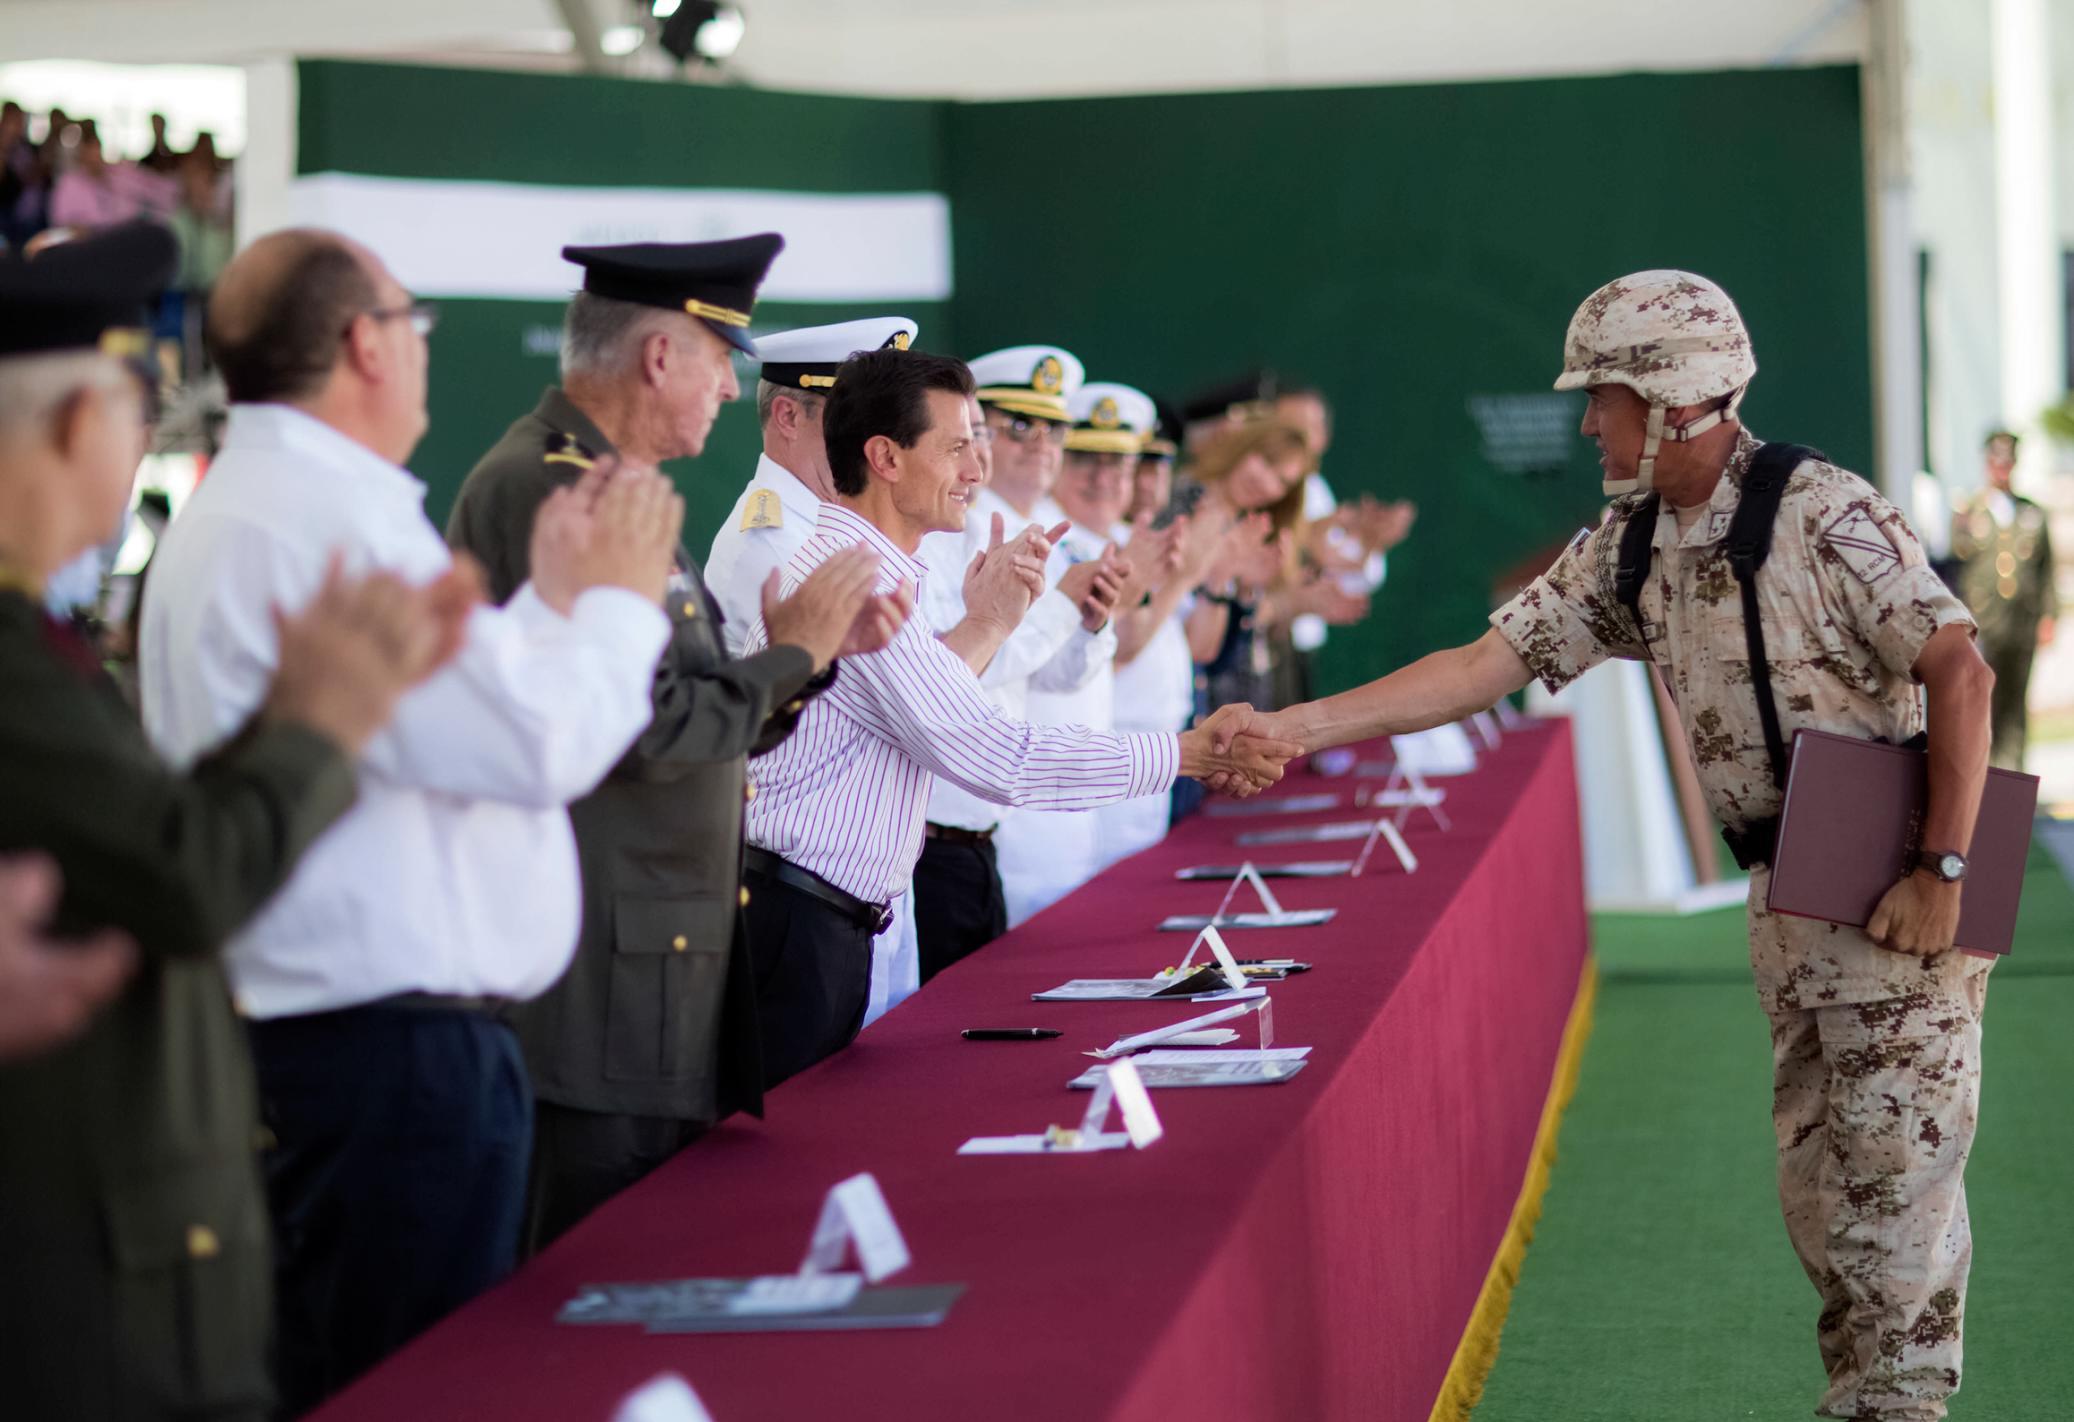 El Primer Mandatario saluda a los asistentes al evento de inauguración de las instalaciones del 12º Regimiento de Caballería Motorizado y su Unidad Habitacional Militar.